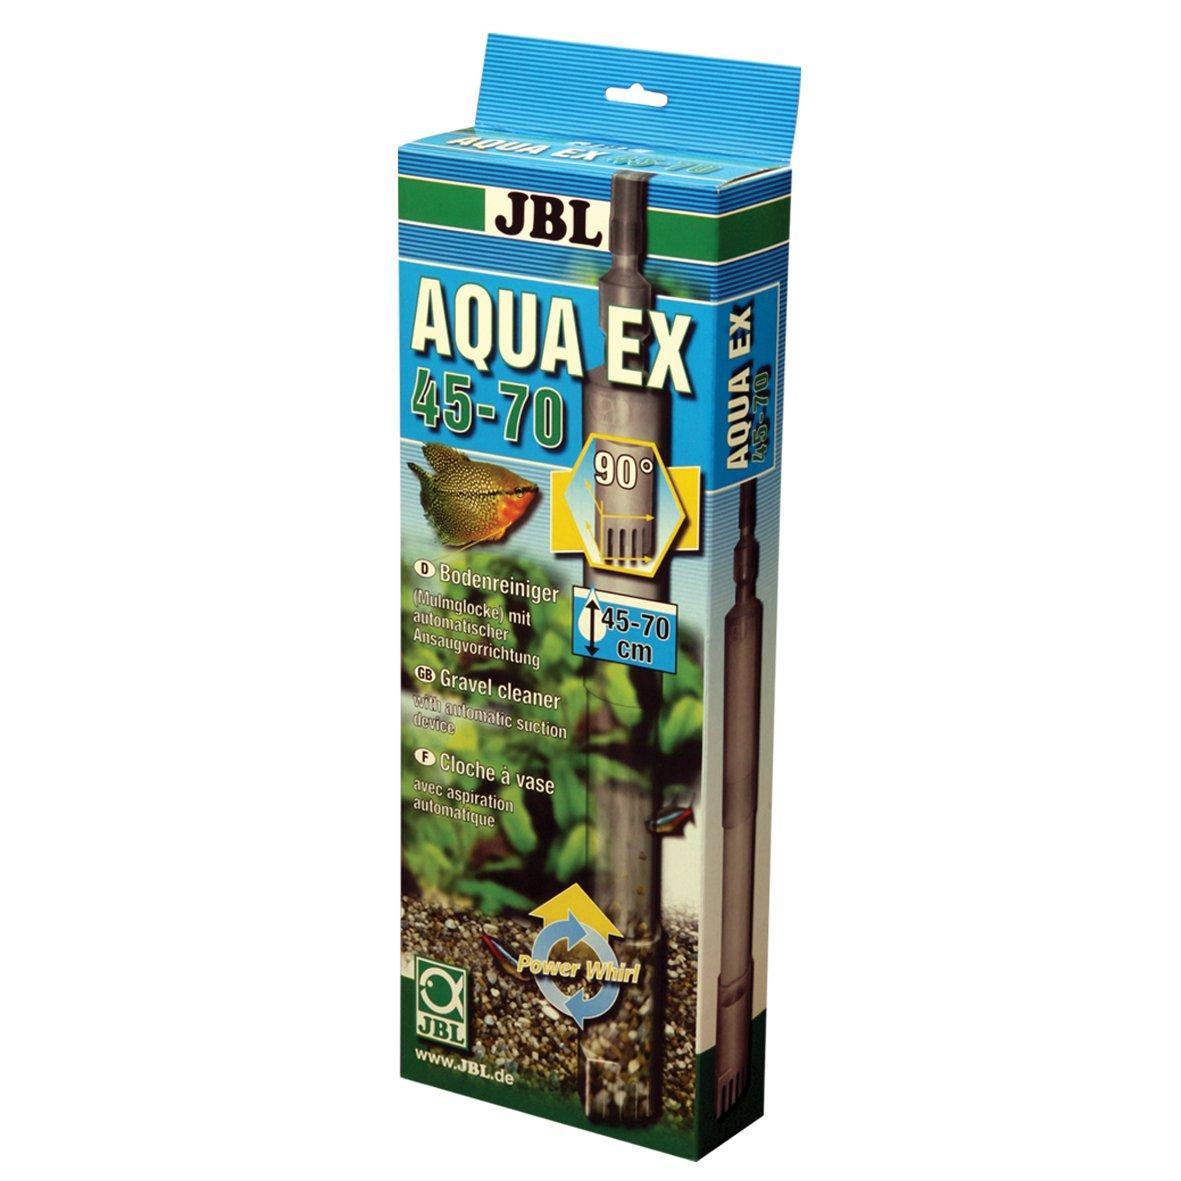 JBL Limpiador de Suelo para acuarios con Dispositivo de aspiración automática, Aqua EX: Amazon.es: Productos para mascotas